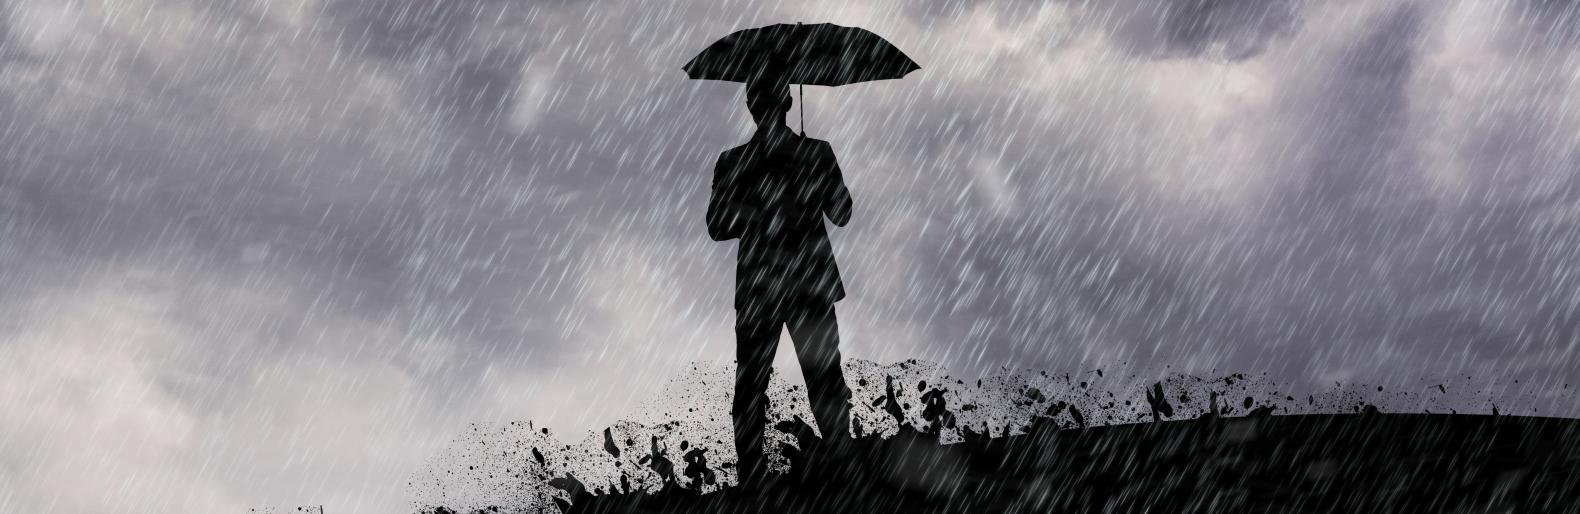 Детская депрессия: как бороться, причины, симптомы, способы лечения